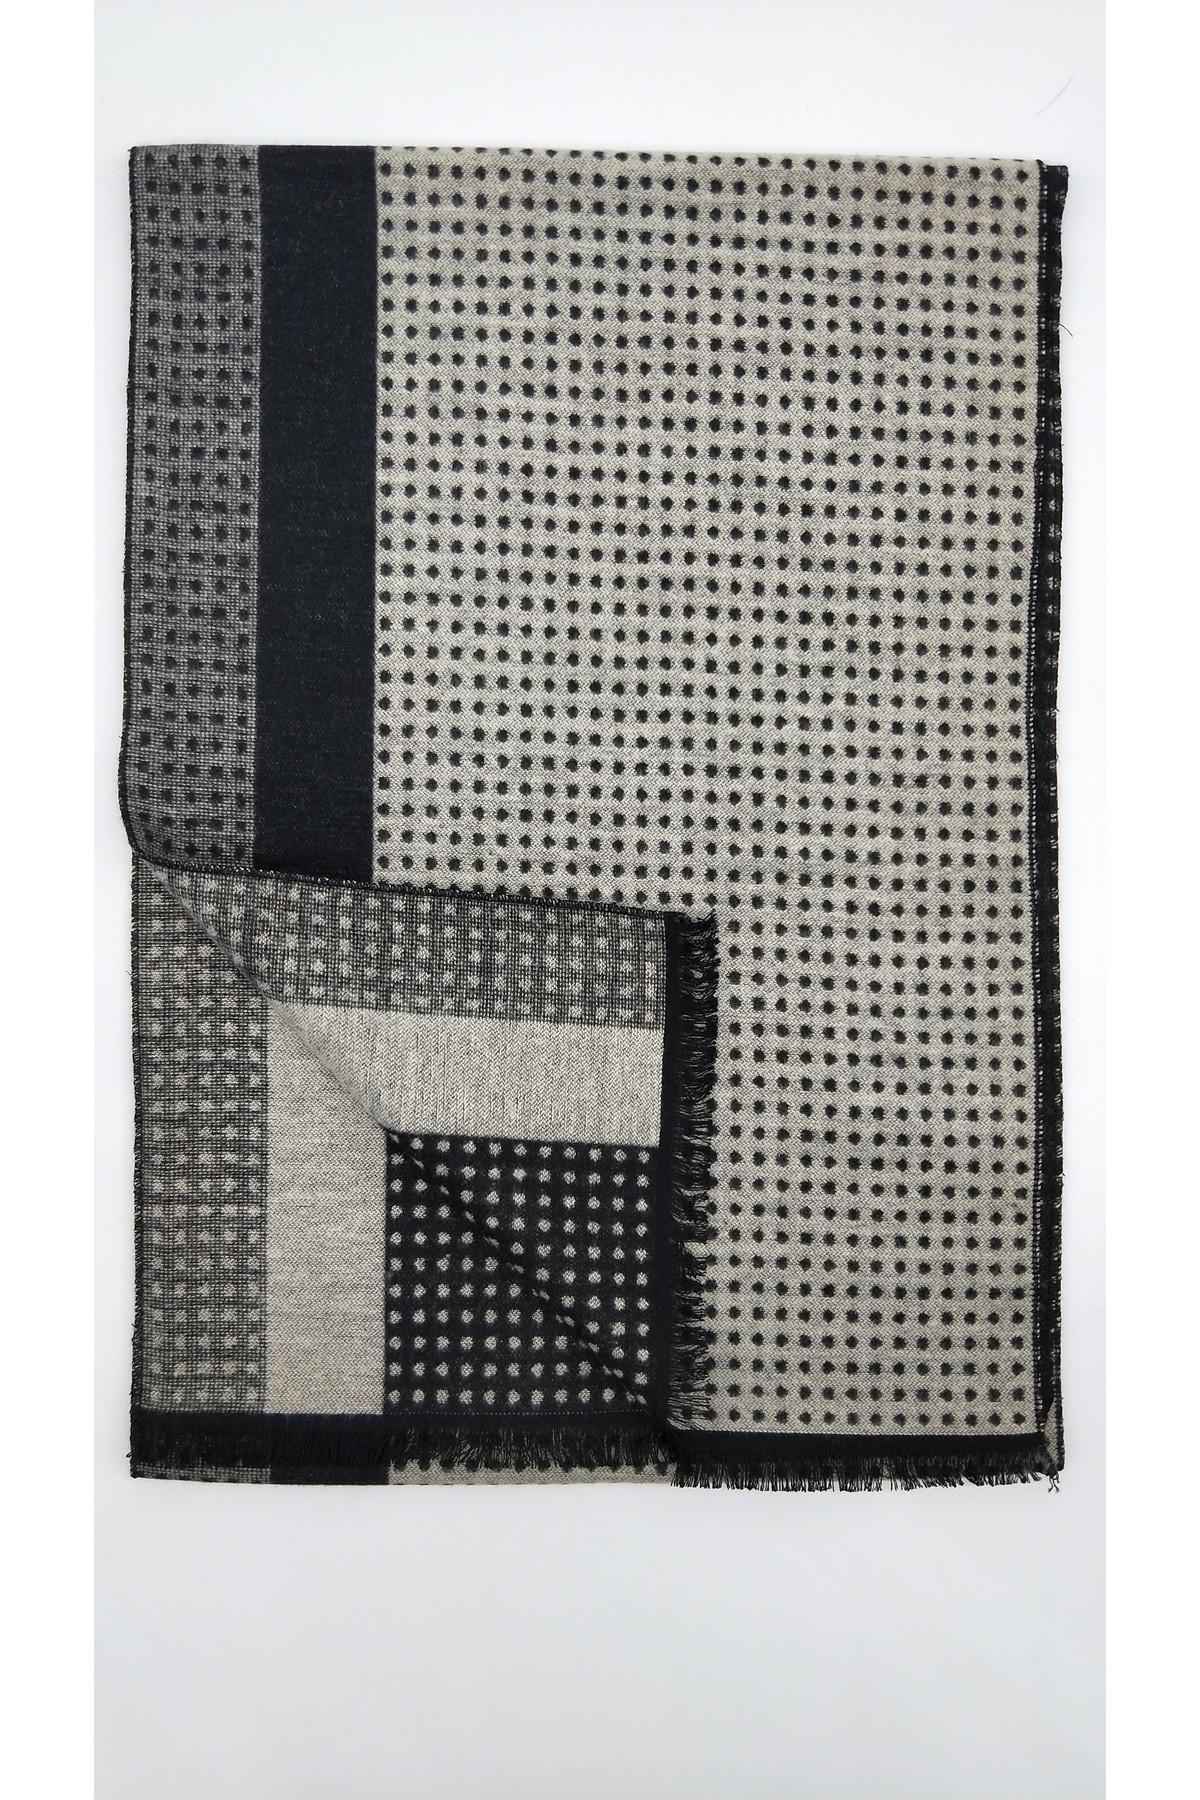 Echarpes Accessoires Gris LX MODA YF-2101 #c eFashion Paris